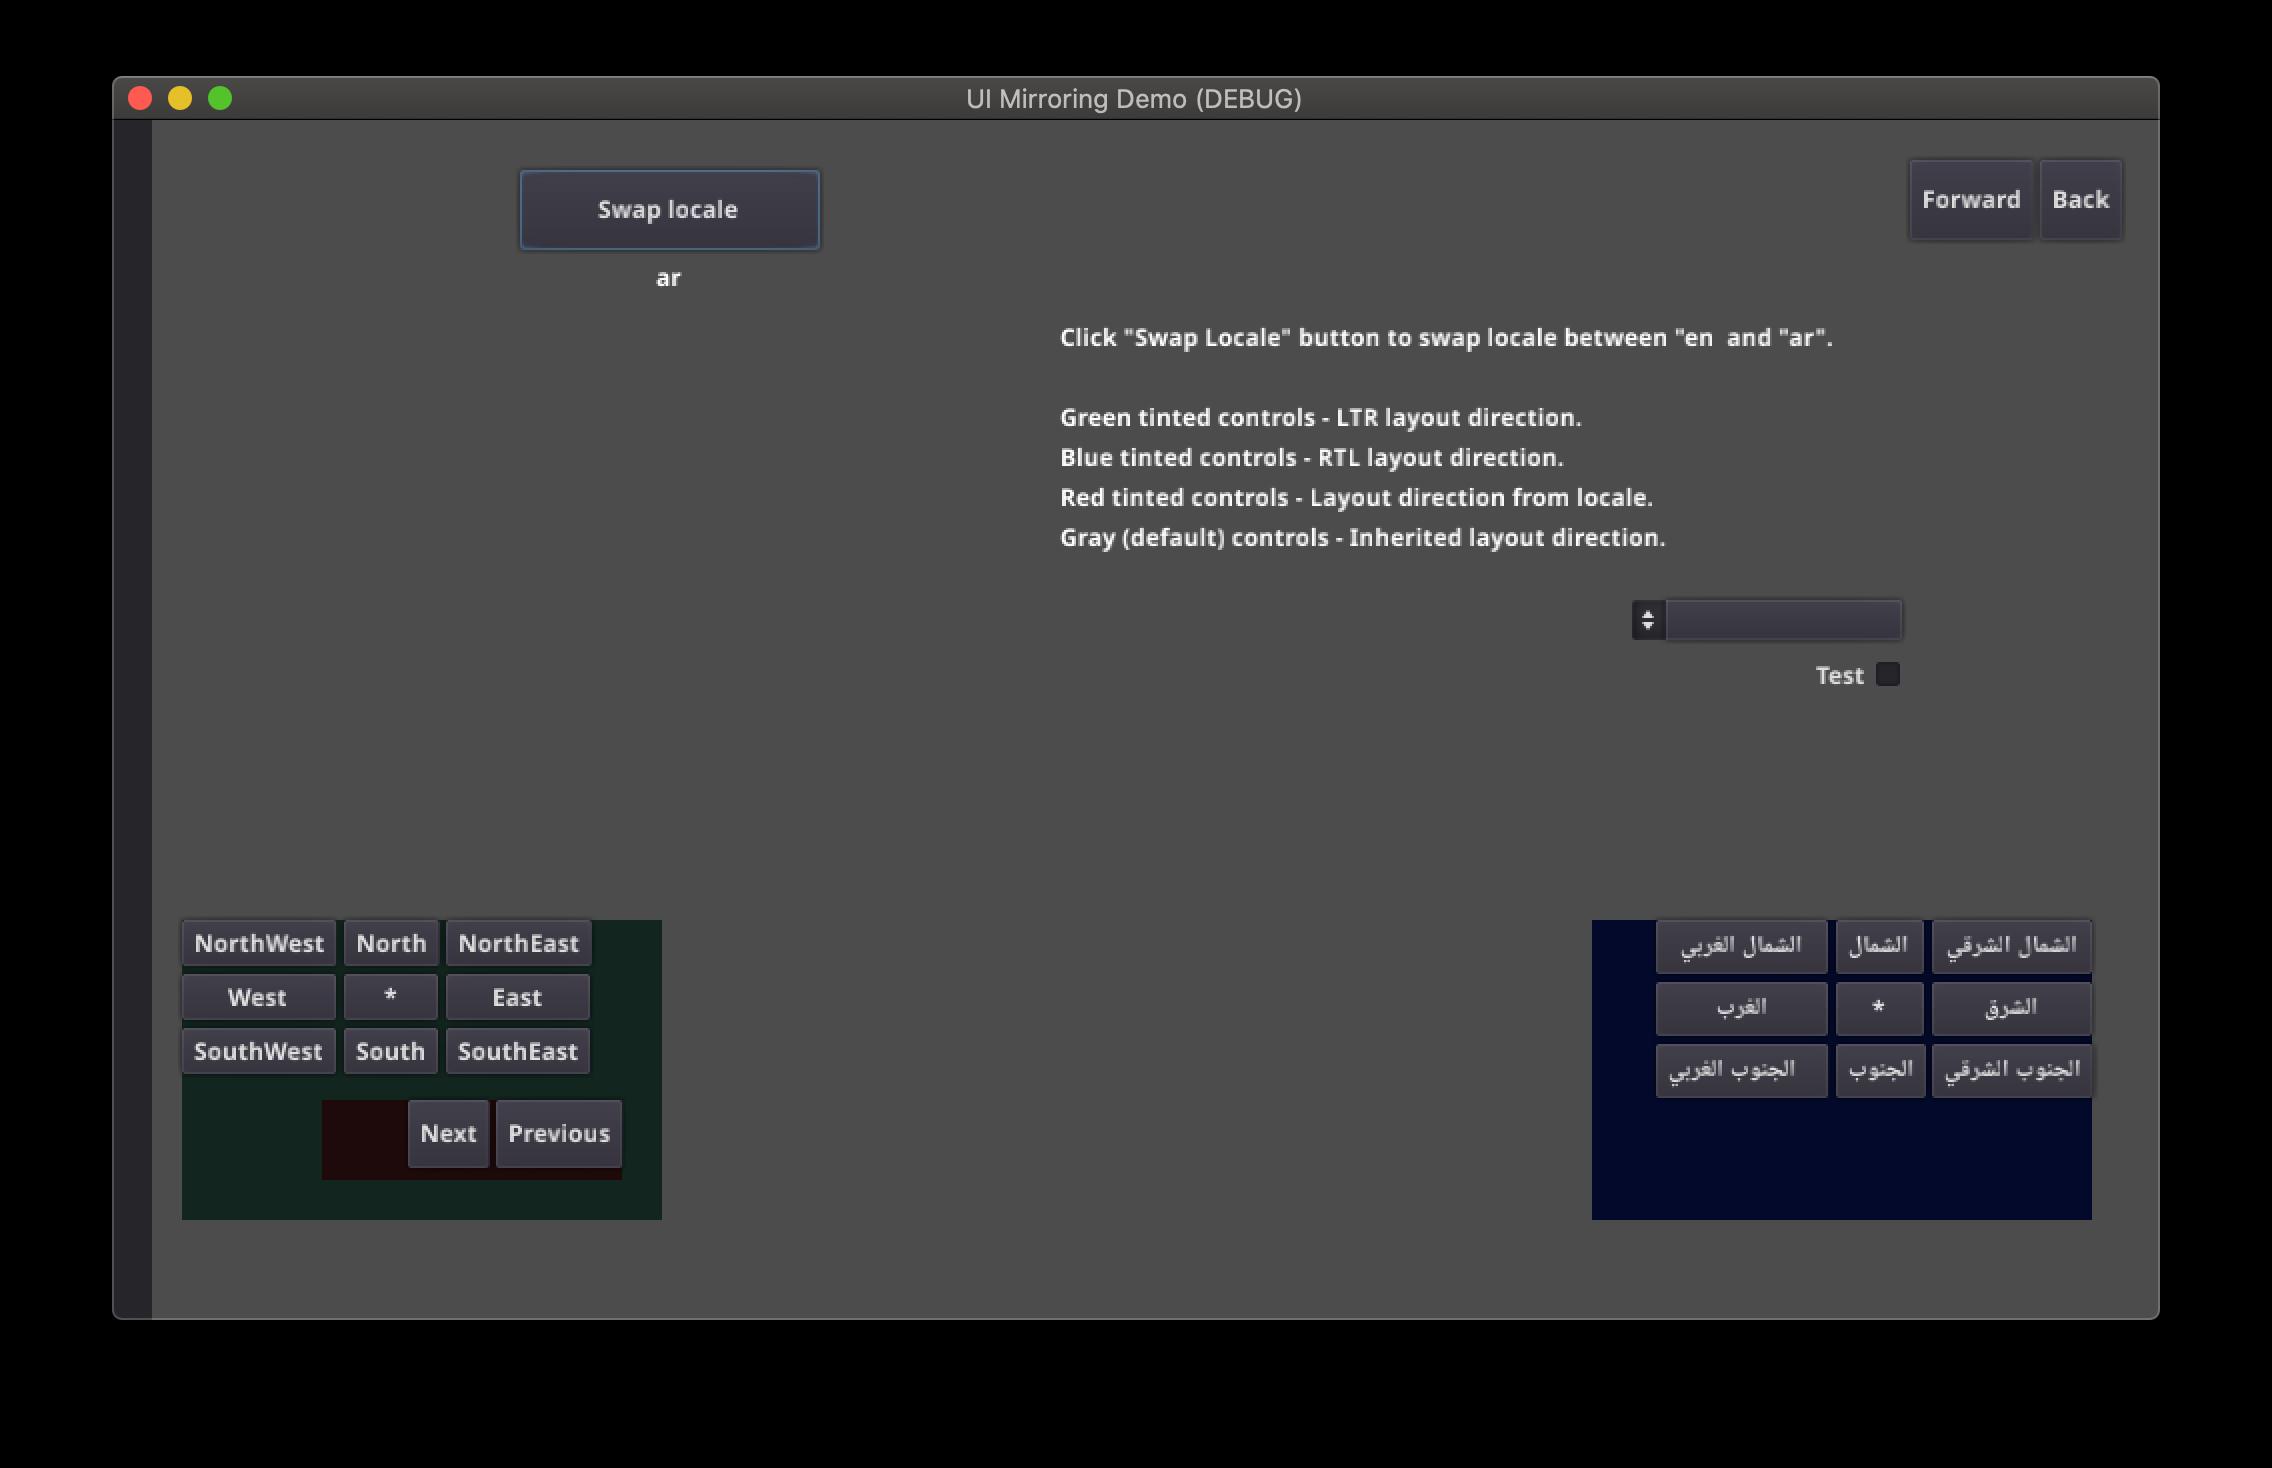 UI mirroring for RTL written languages